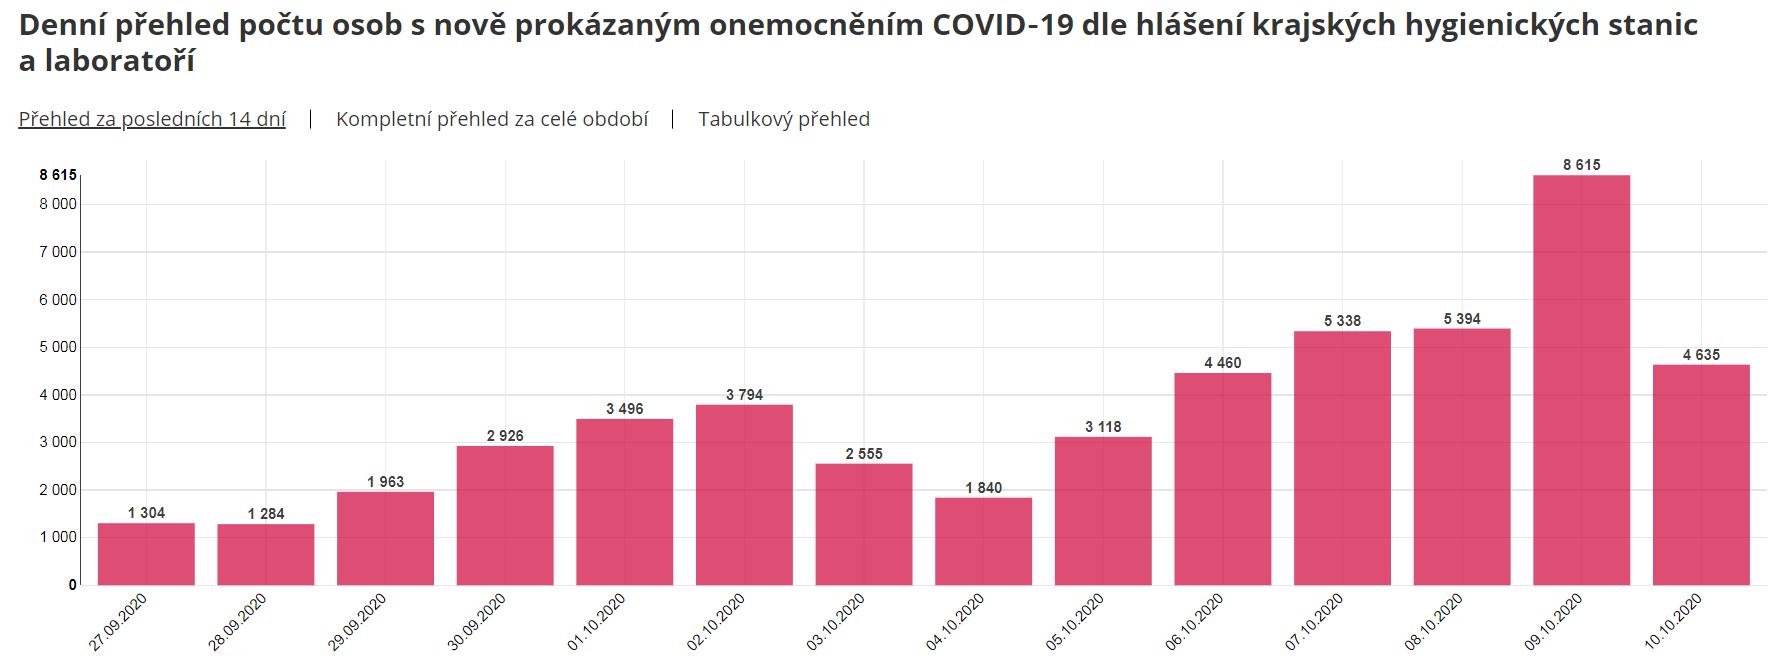 捷克新增4635例新冠肺炎确诊病例 累计114005例